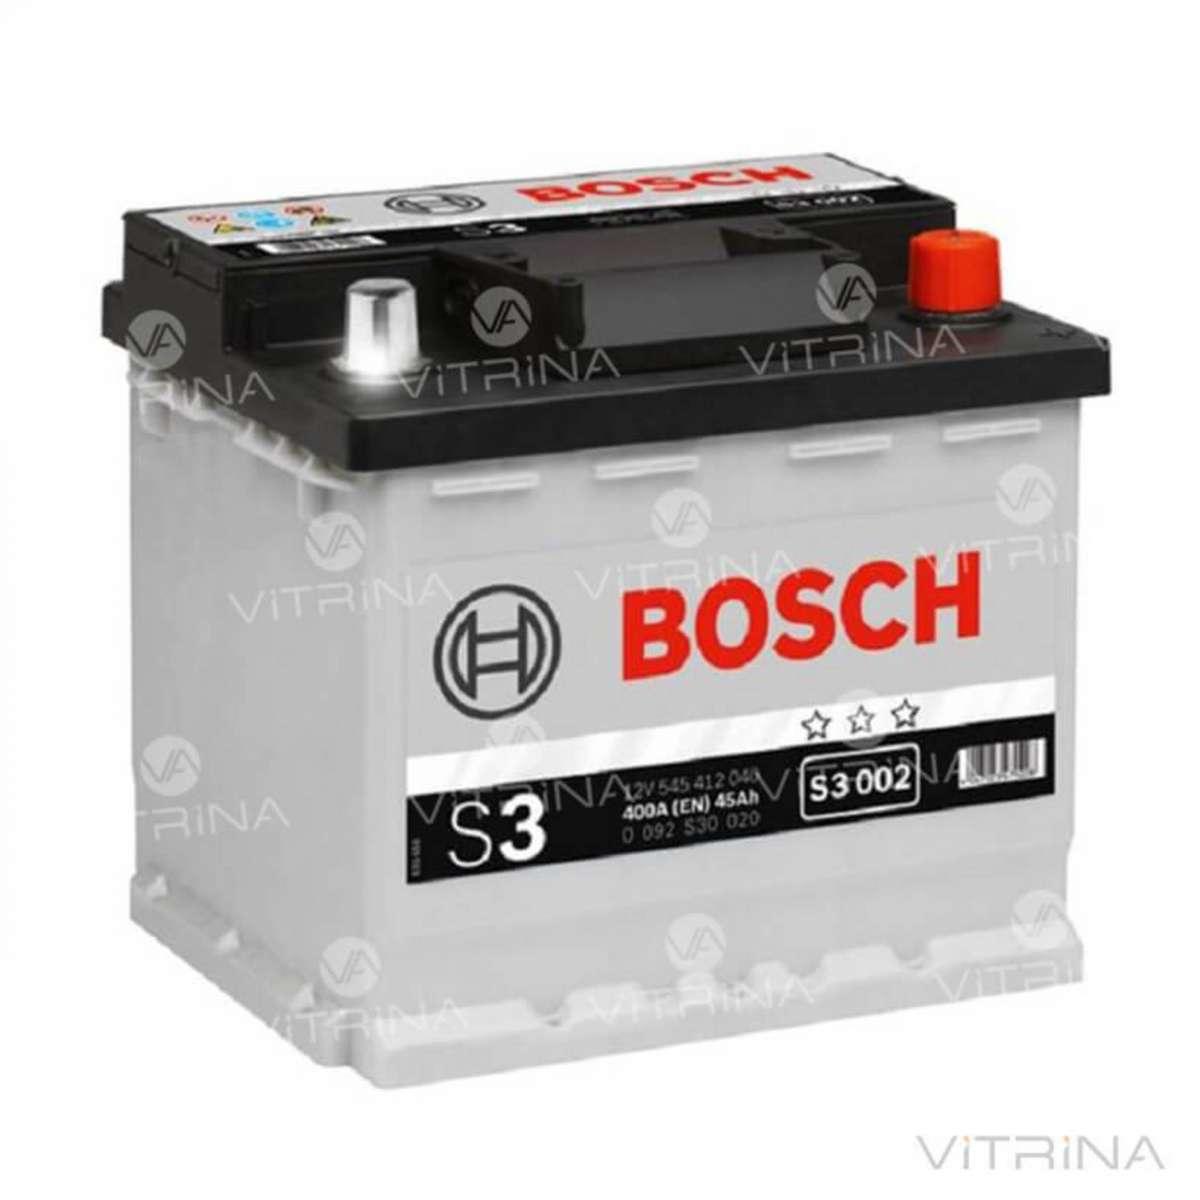 Аккумулятор BOSCH 45Ah-12v S3002 207x175x190 со стандартными клеммами